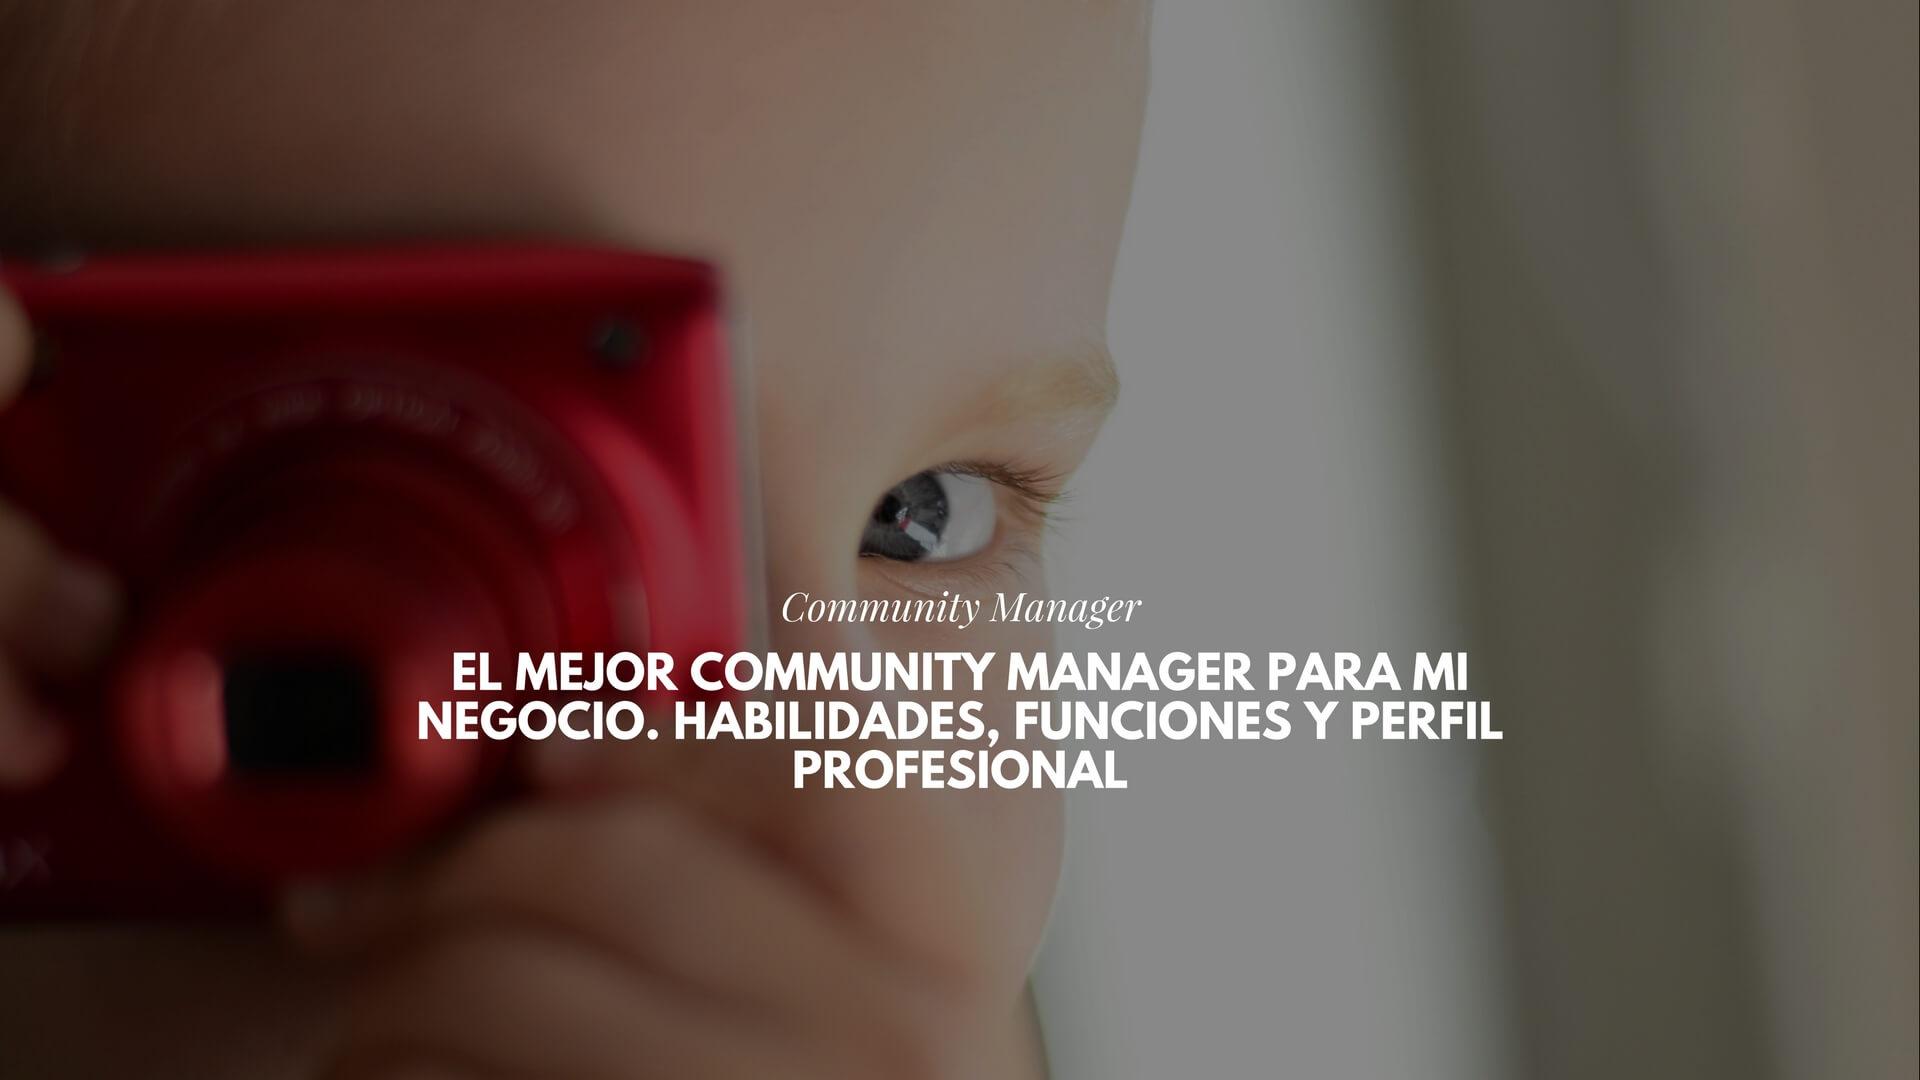 El mejor Community Manager para mi negocio. Habilidades, funciones y perfil profesional